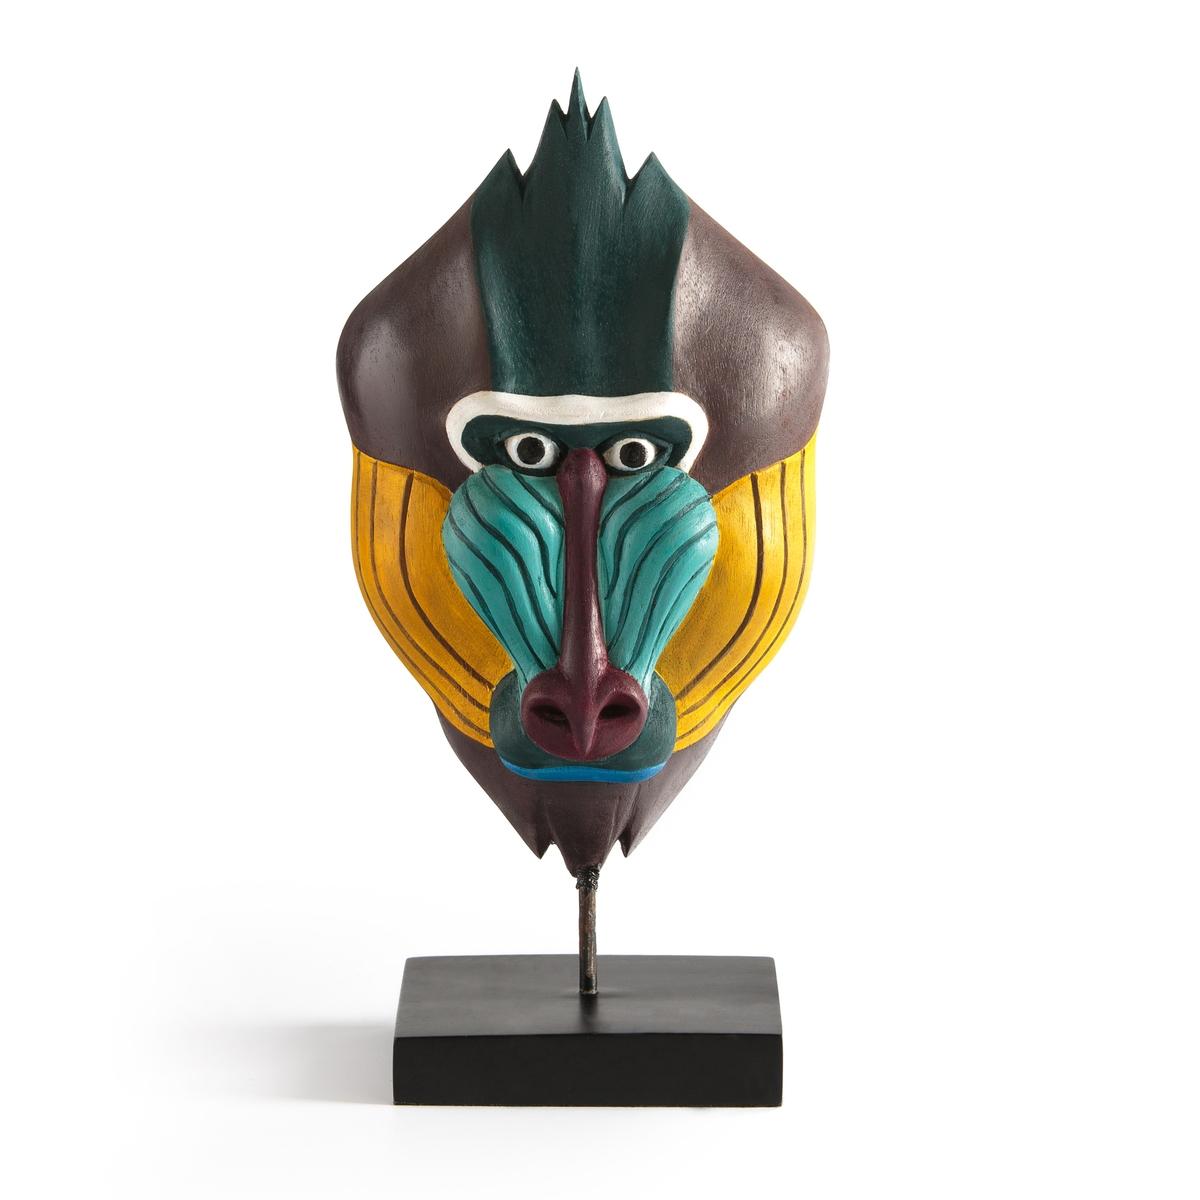 Маска La Redoute Обезьяны из дерева NYALA единый размер разноцветный стакан двойной veragio stanford cromo vr std 7742 cr